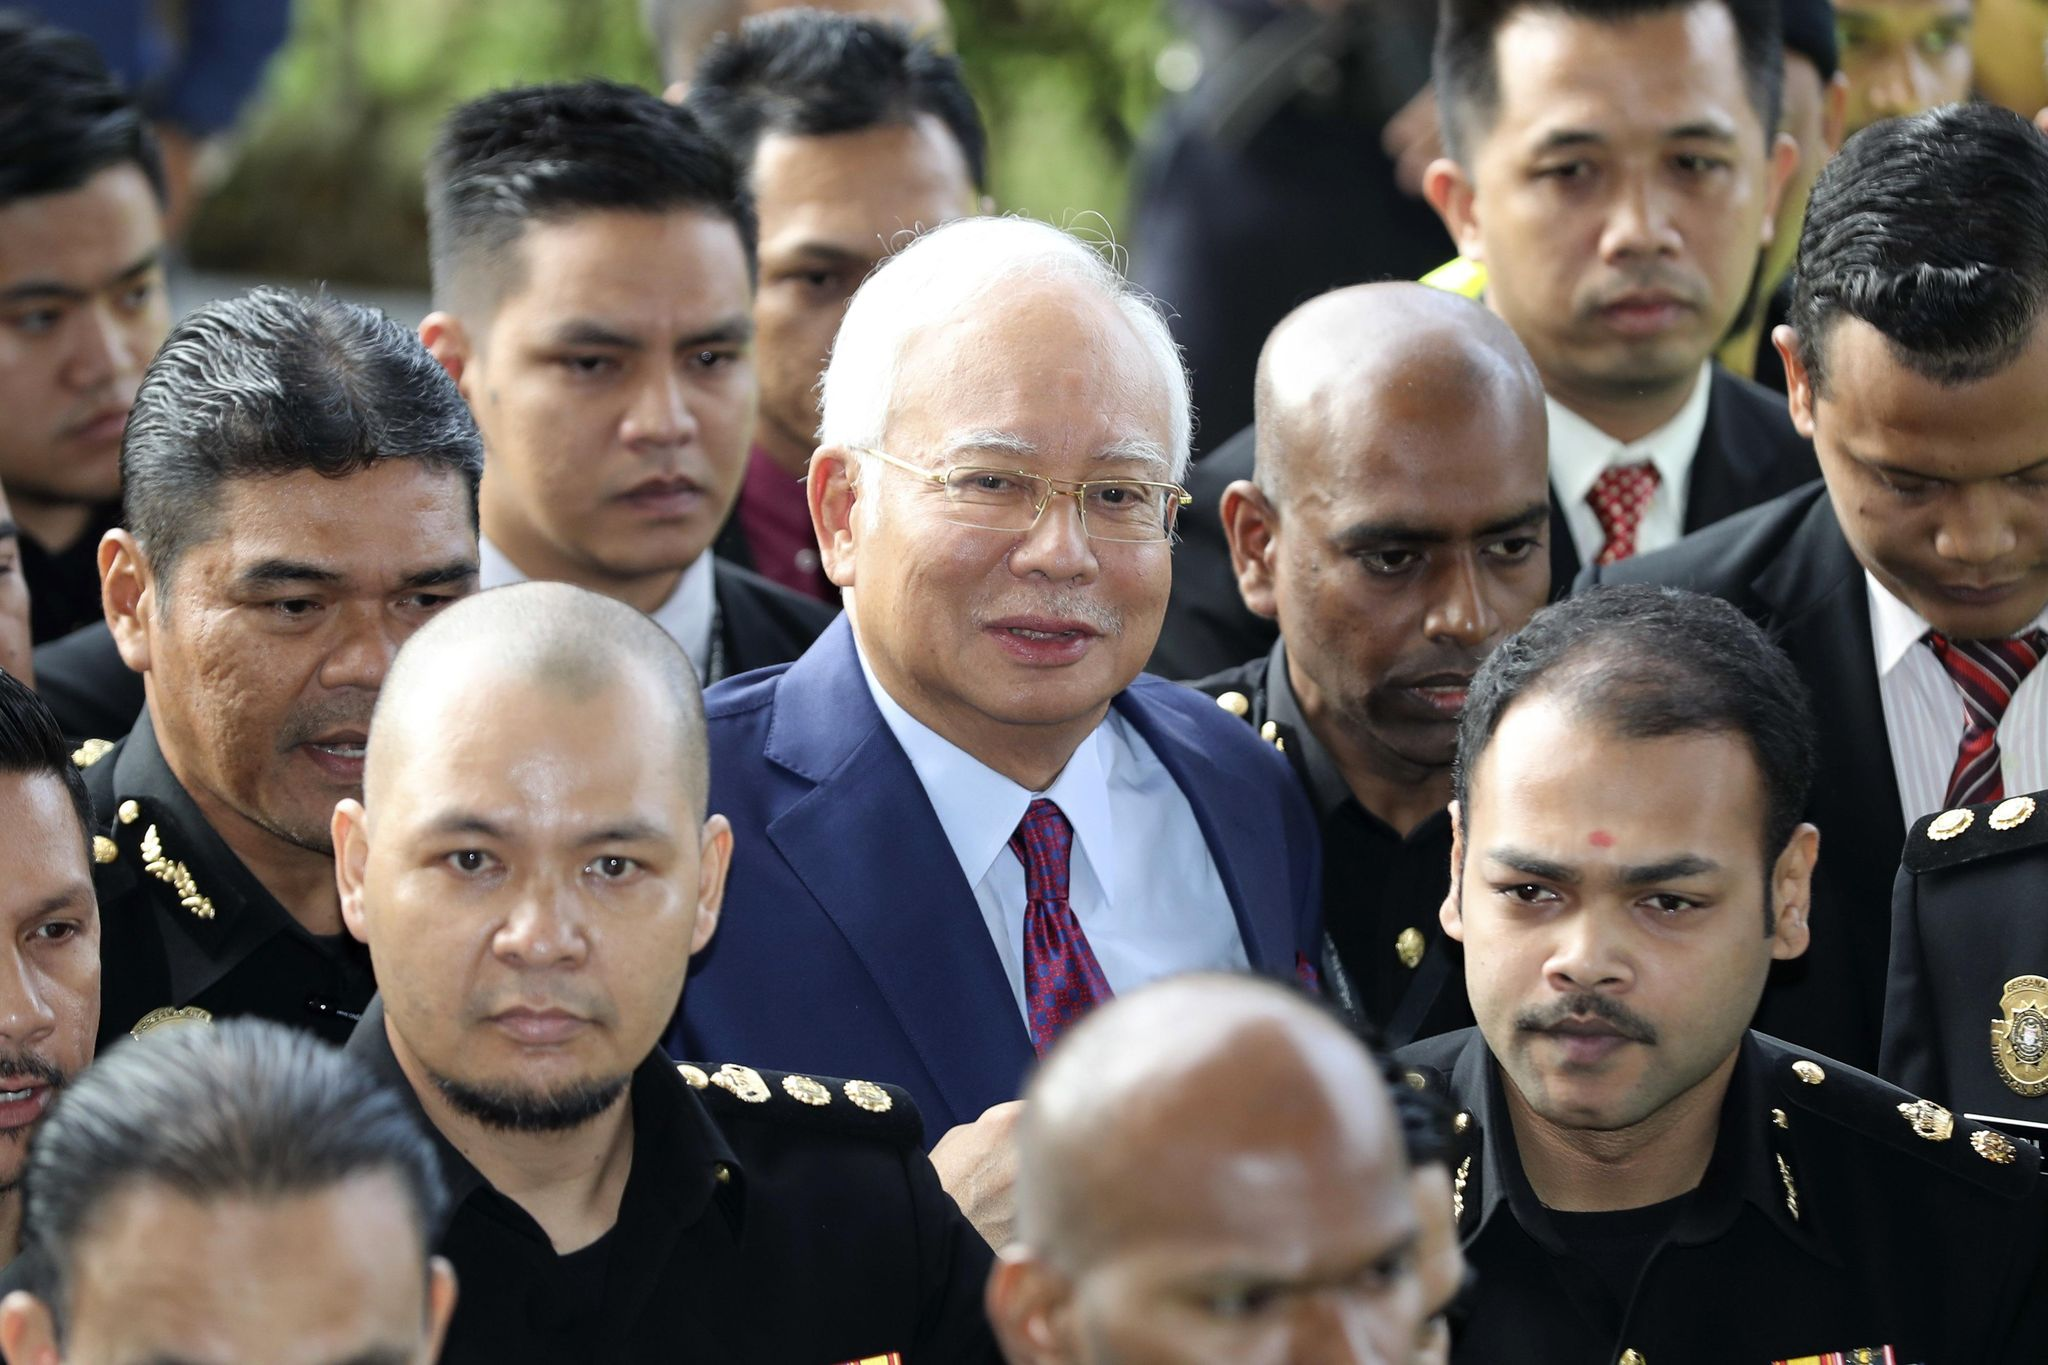 Malaysian ex-PM Najib combative ahead of 1MDB graft trial